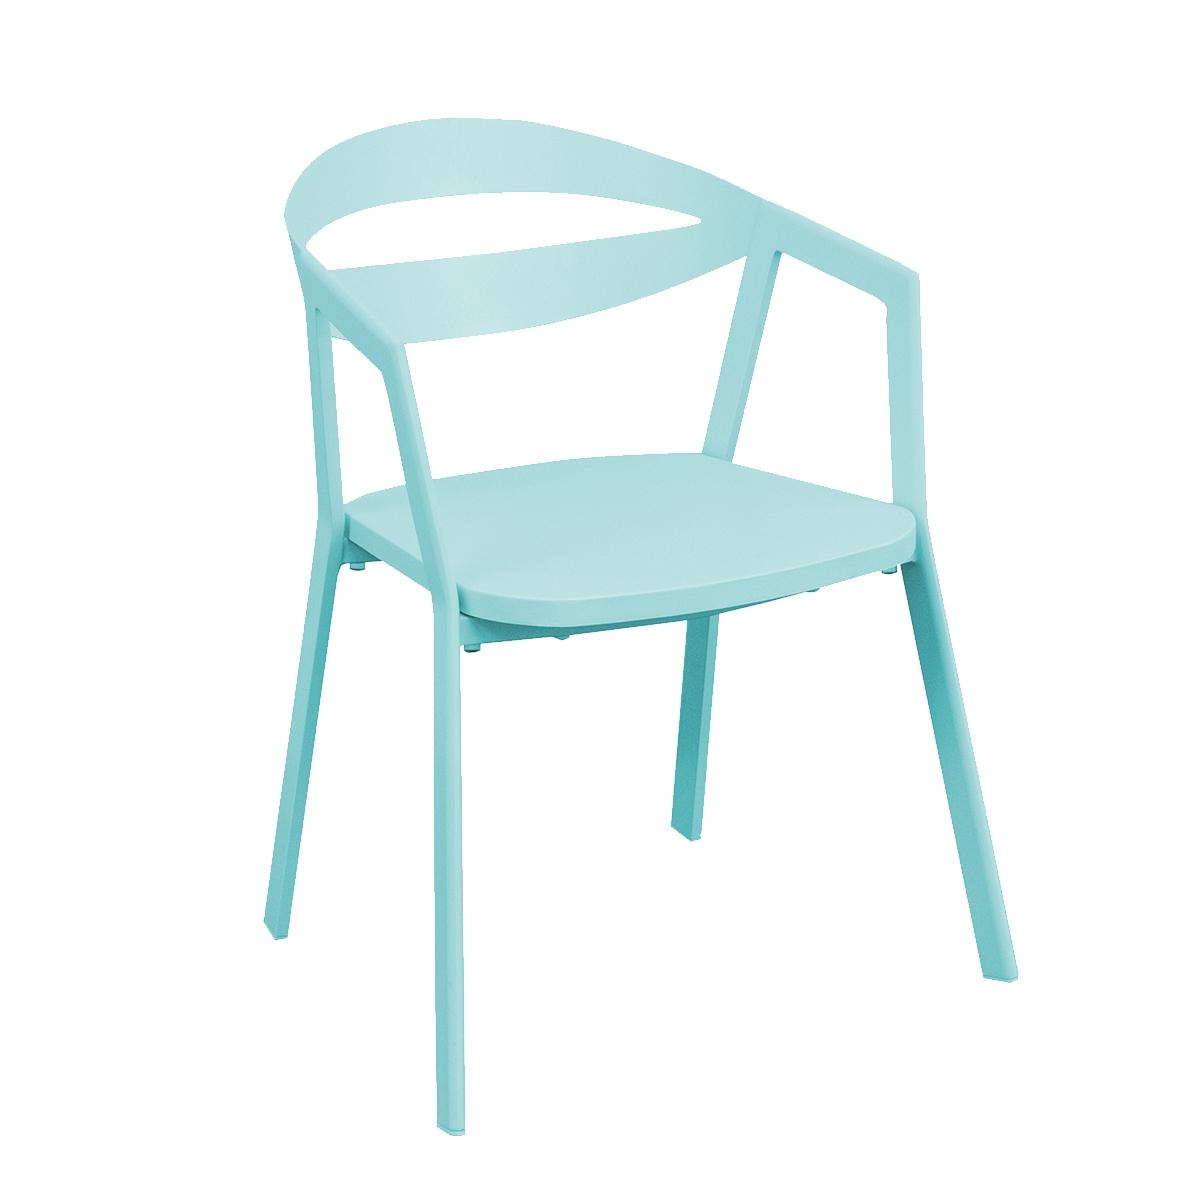 Chaise alu exterieur Lavila Zendart Outdoor Zendart Design